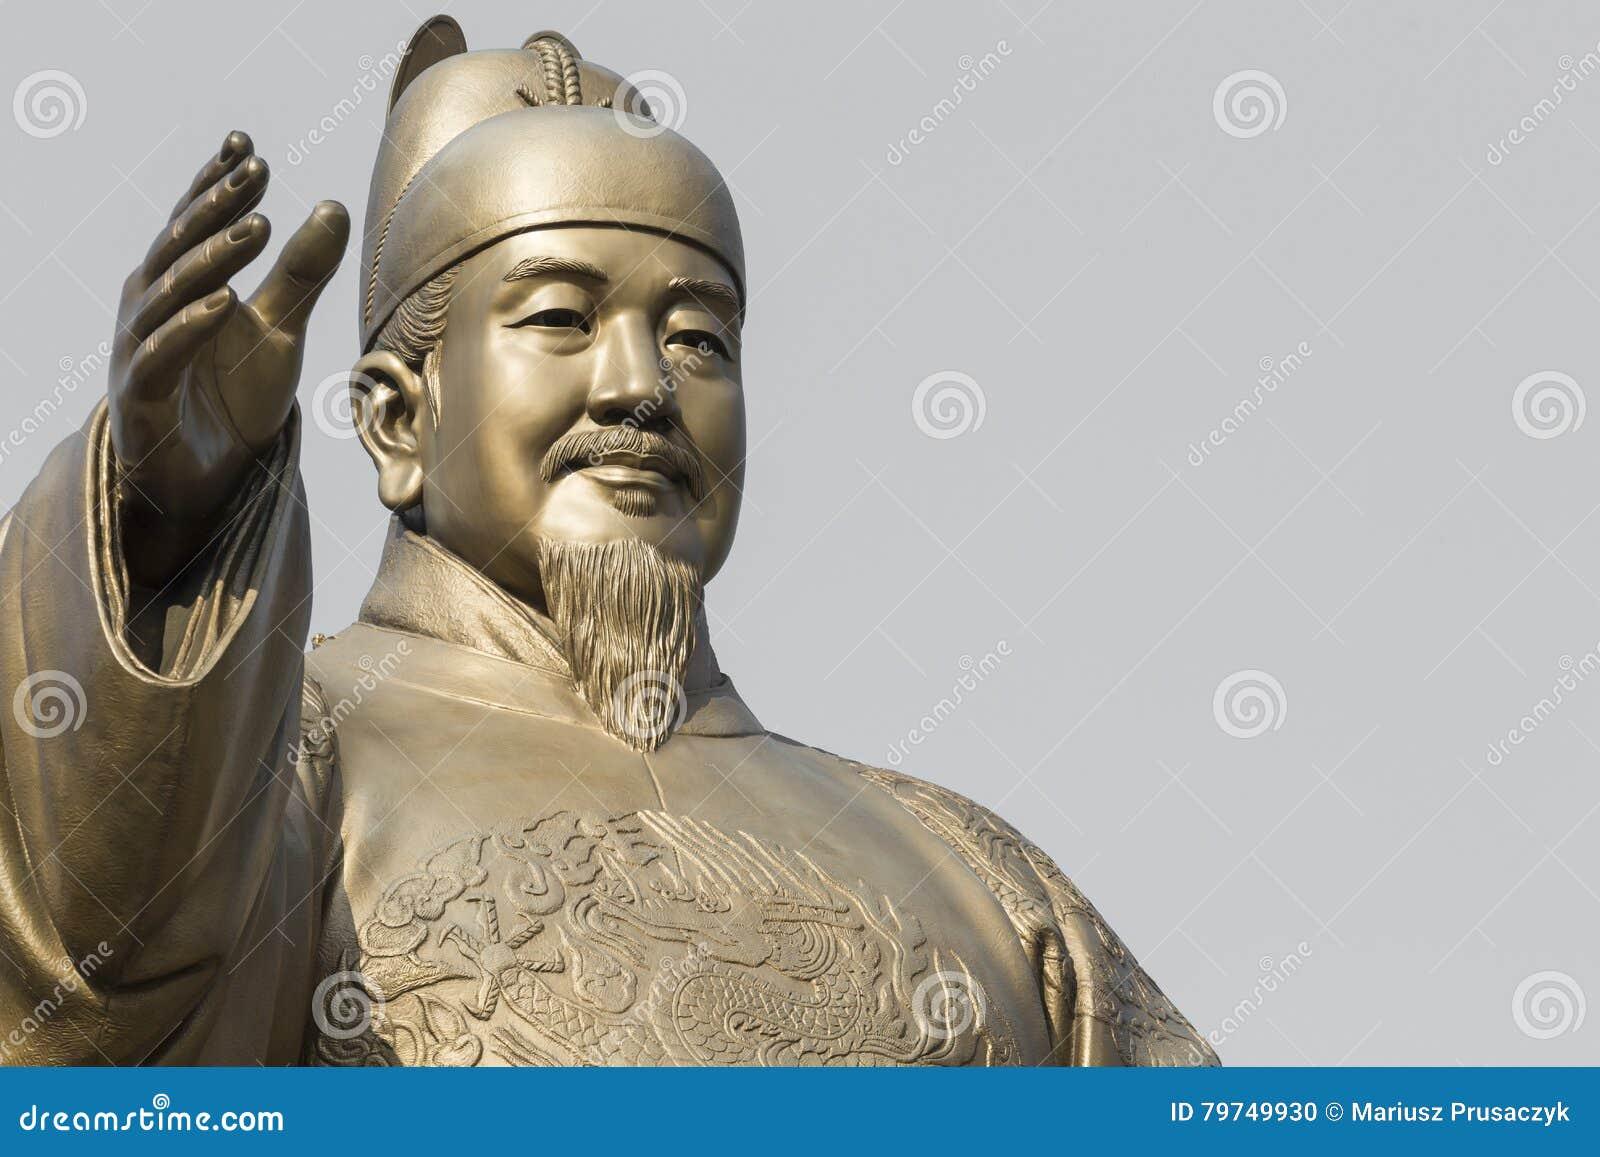 Estatua pública de rey Sejong, el gran rey de la Corea del Sur, adentro